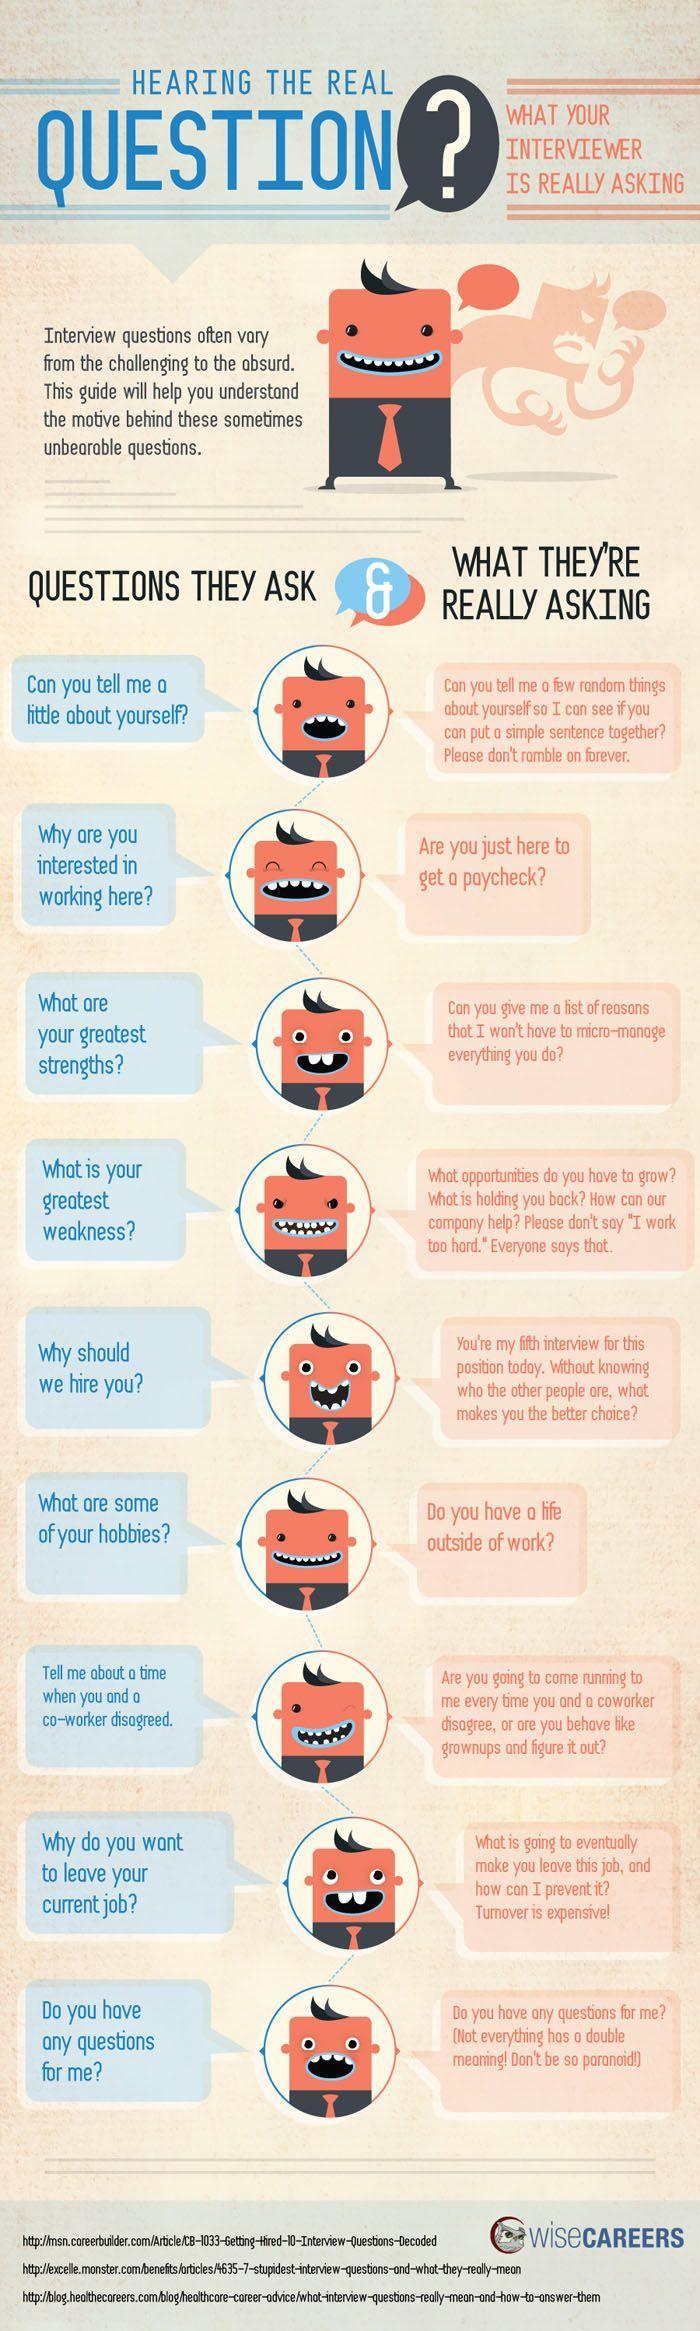 Wat wordt er echt van je gevraagd in een sollicitatiegesprek?